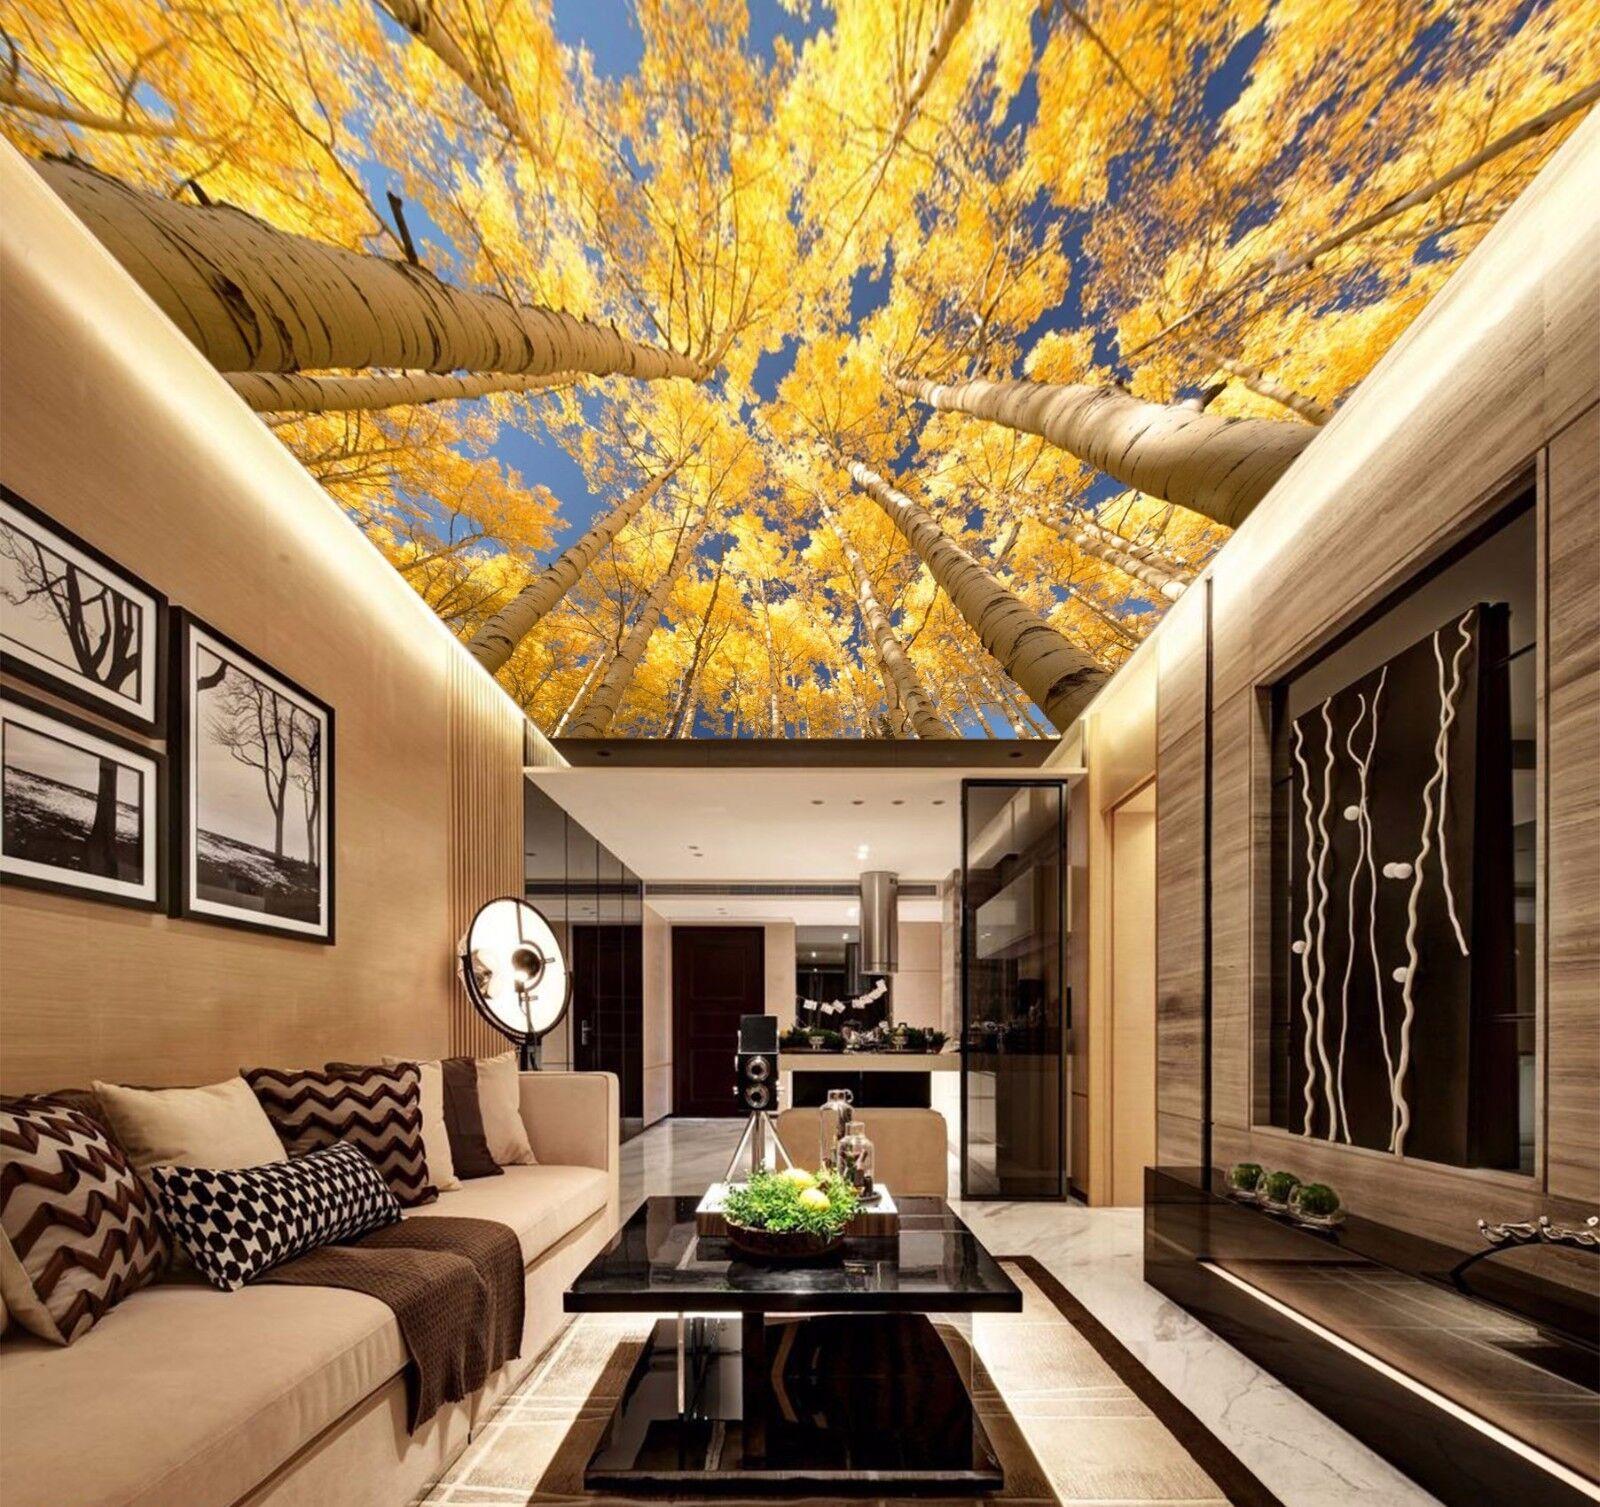 3D Gelb Baum Wald 608 Fototapeten Wandbild Fototapete BildTapete DE Lemon